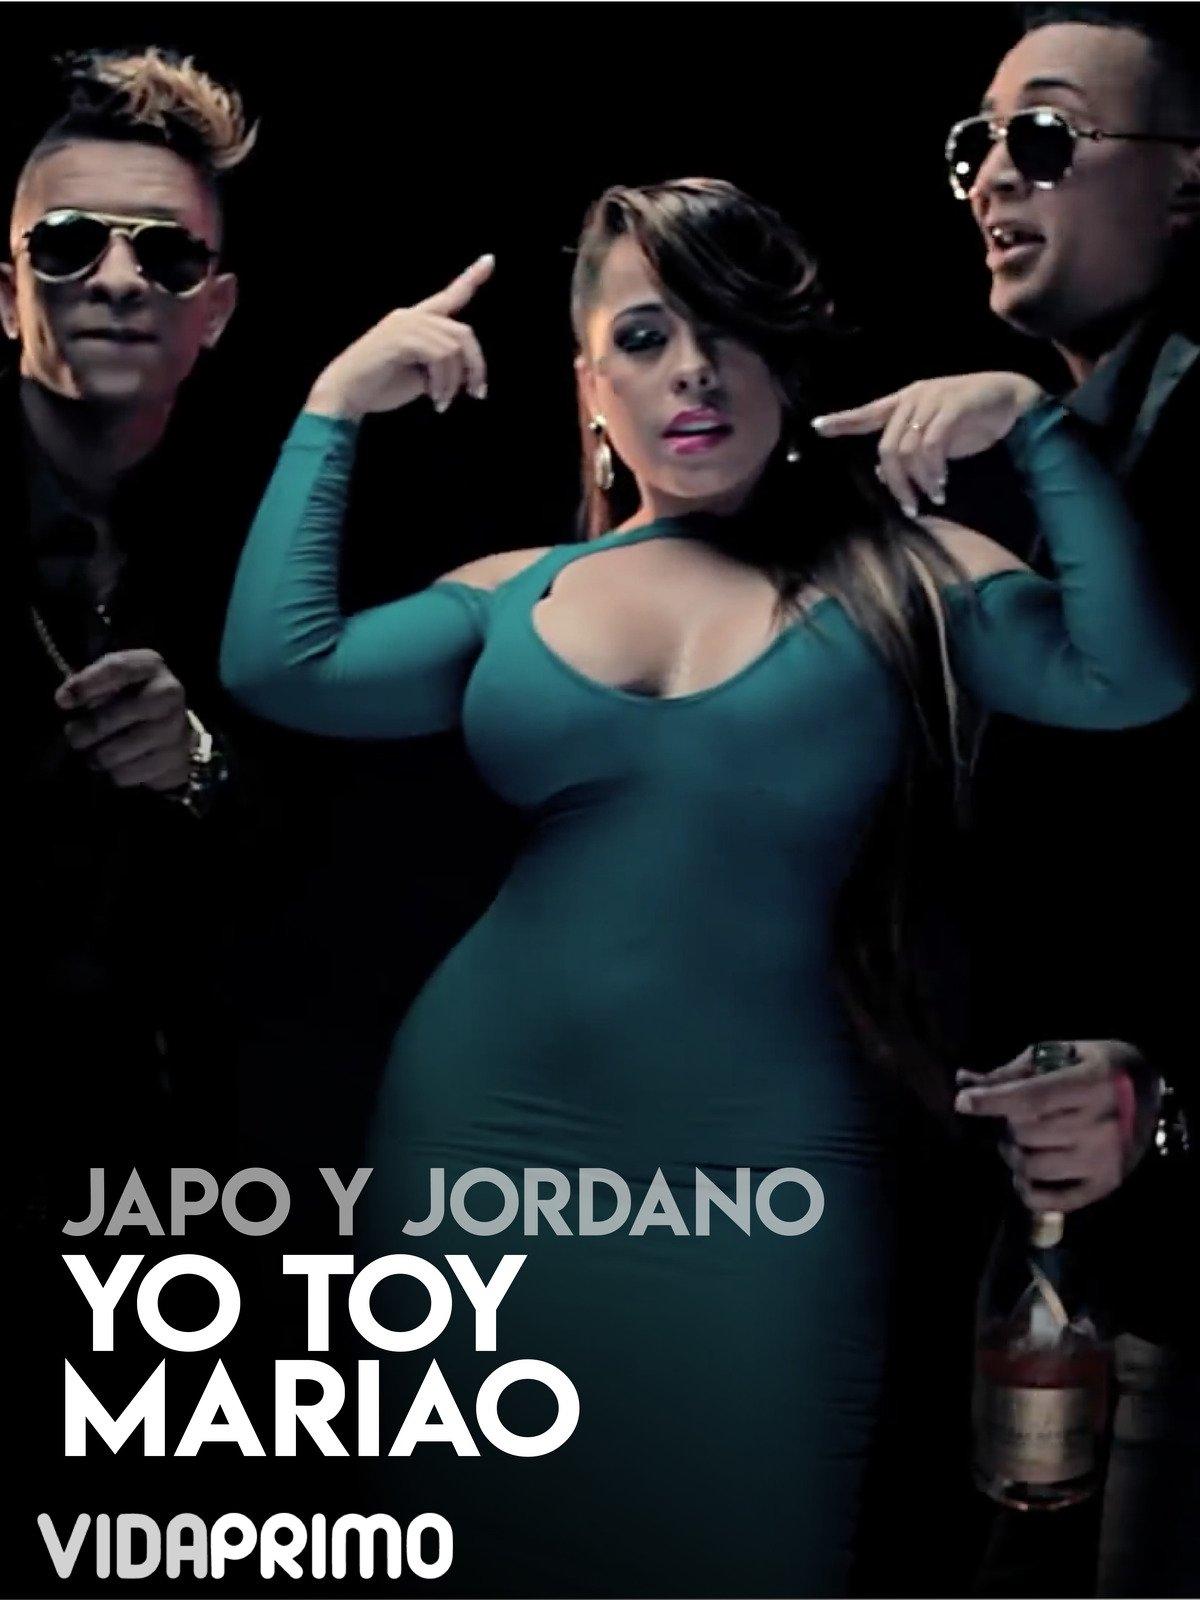 Japo Y Jordano